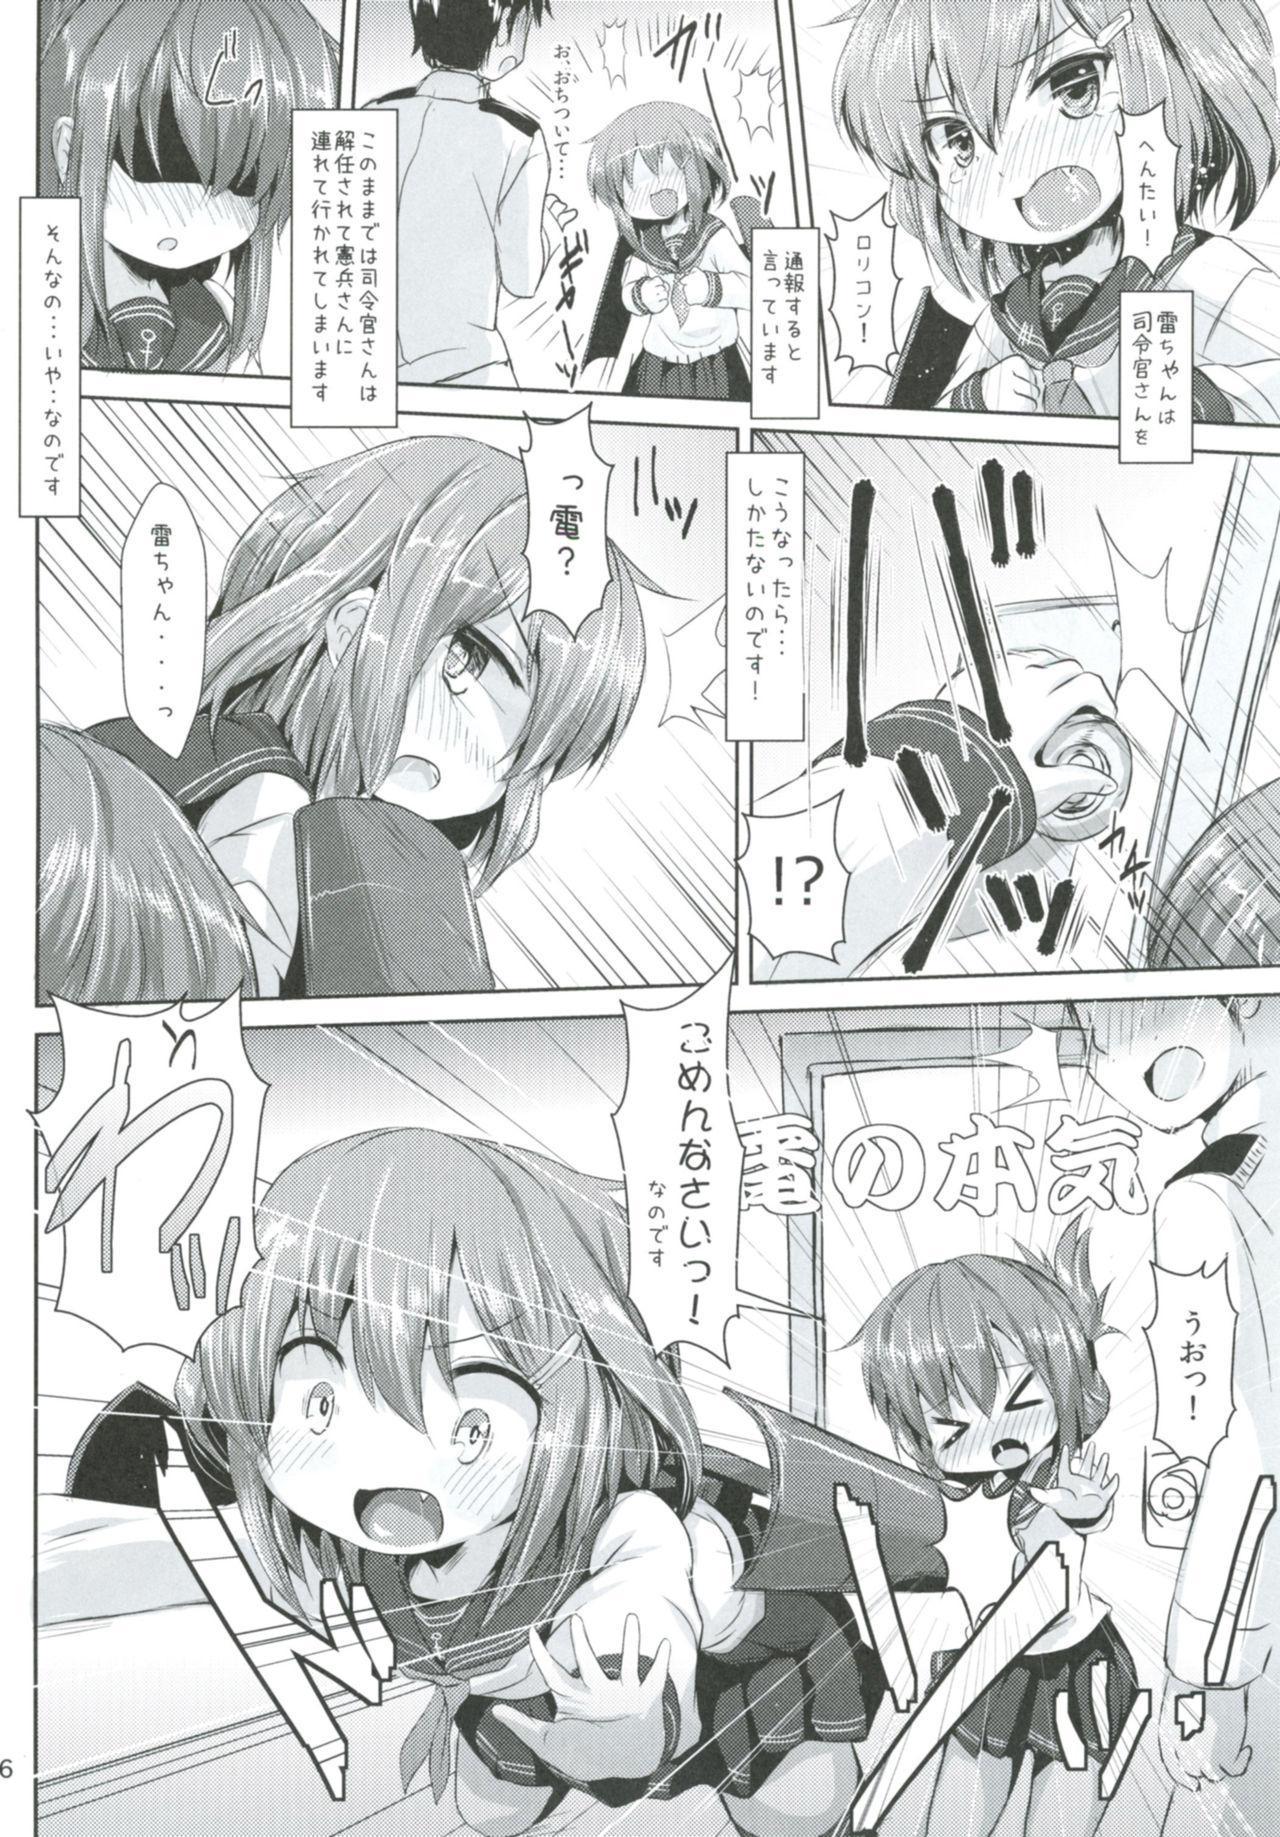 [Inyu-goya (Inyucchi)] Shireikan-san wa SexHara-san nano desu Matome (Kantai Collection -KanColle-) [Digital] 14